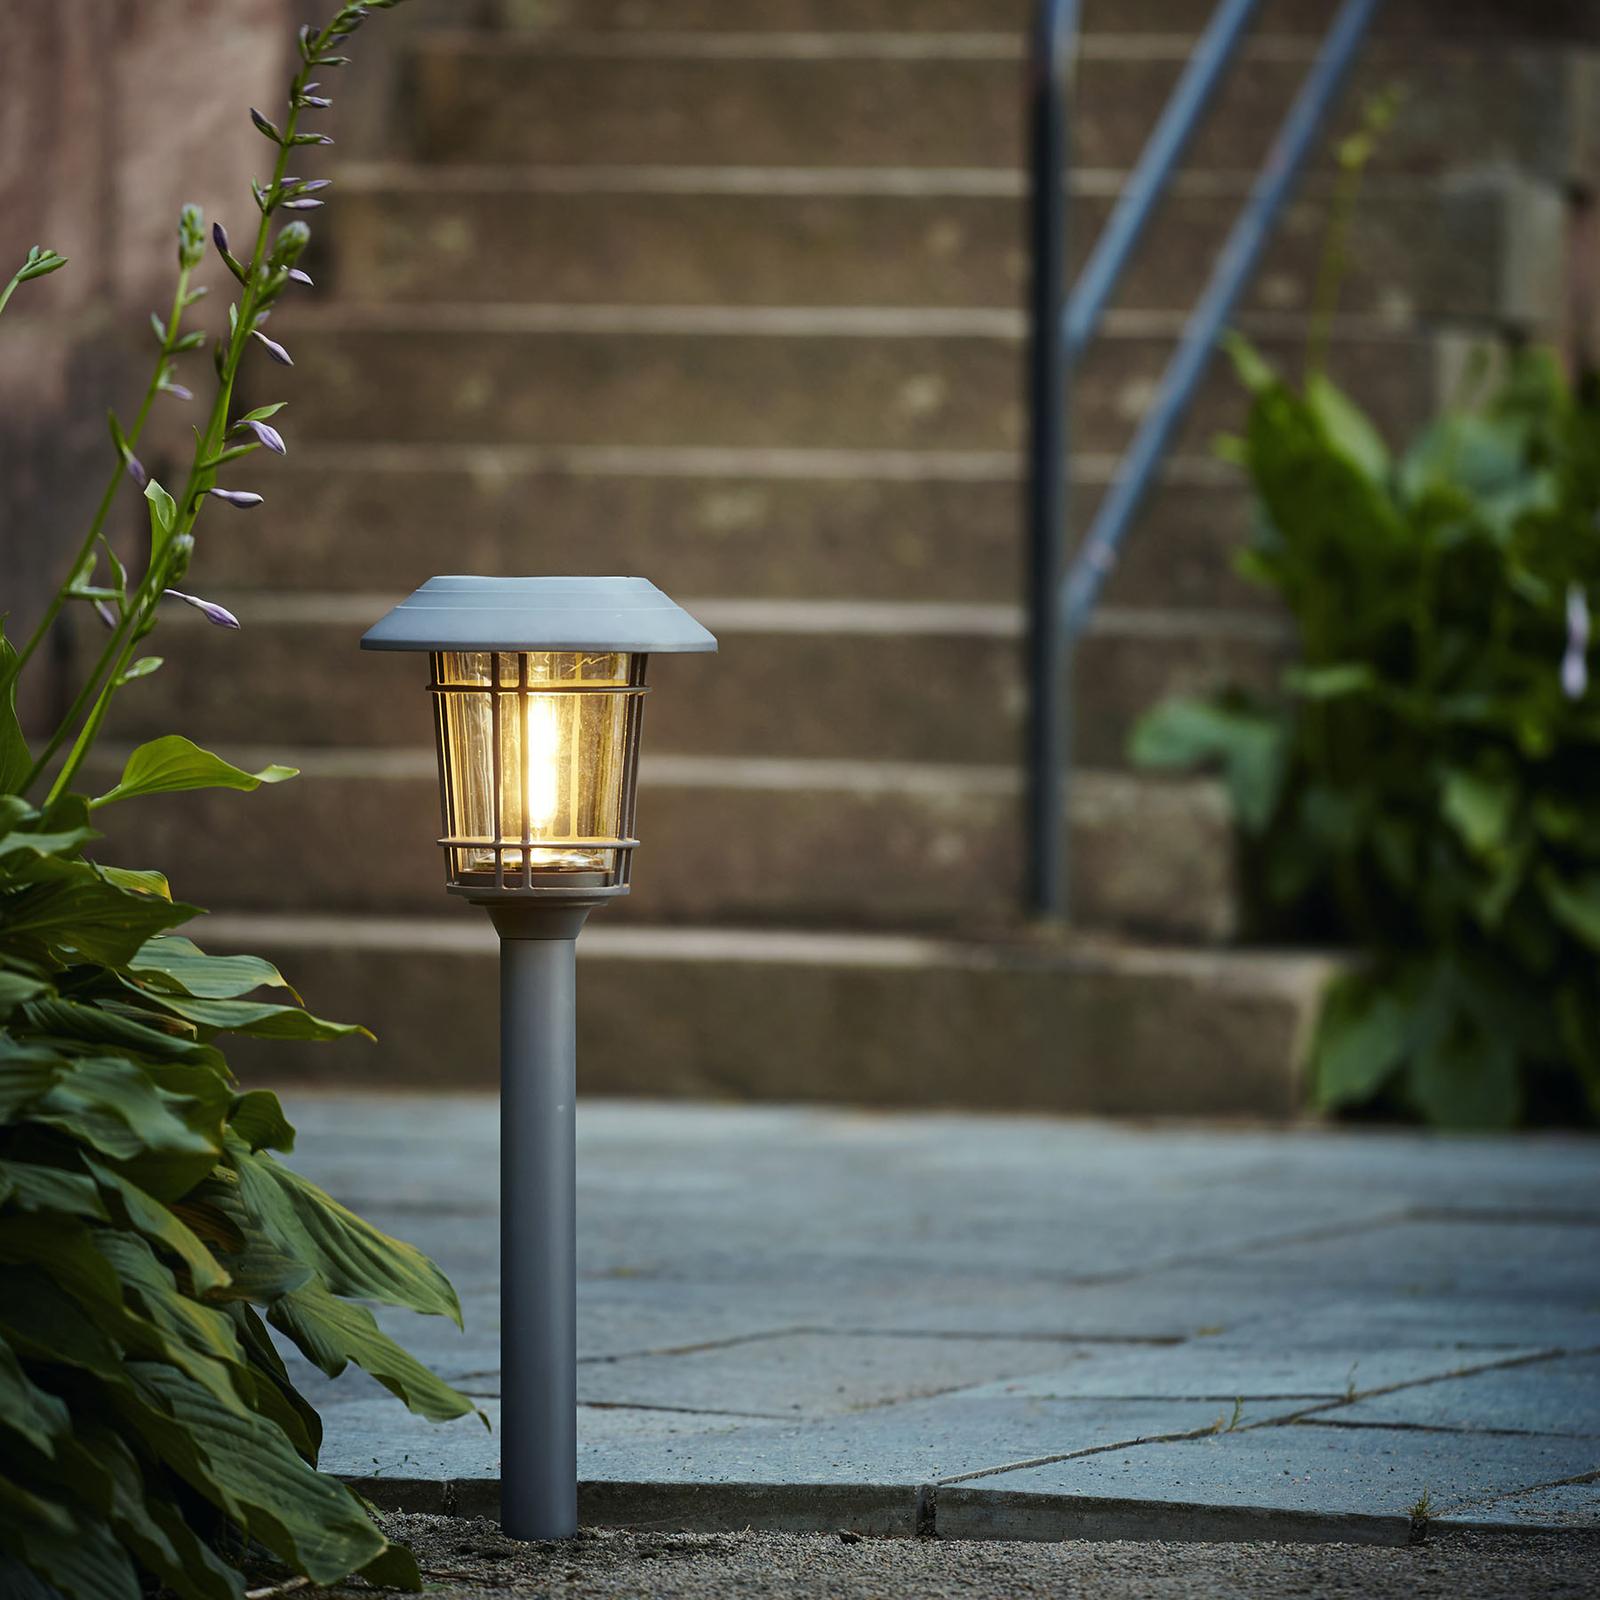 Filip-LED-valaisin, grafiitti, maapiikki